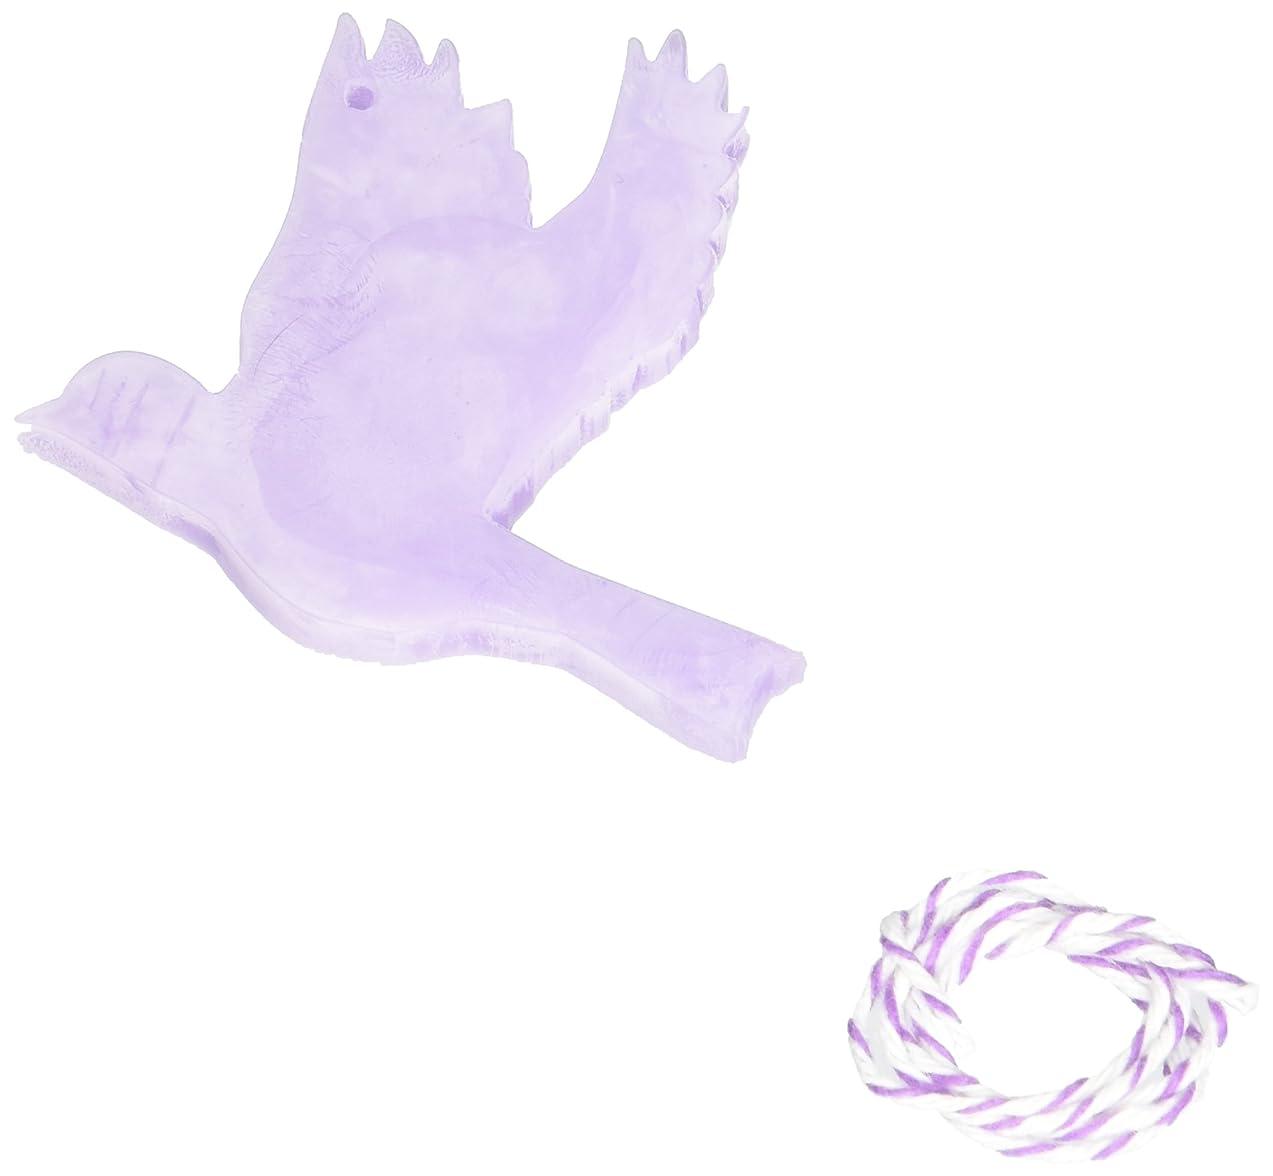 つかいます推測する覗くGRASSE TOKYO AROMATICWAXチャーム「ハト」(PU) ラベンダー アロマティックワックス グラーストウキョウ